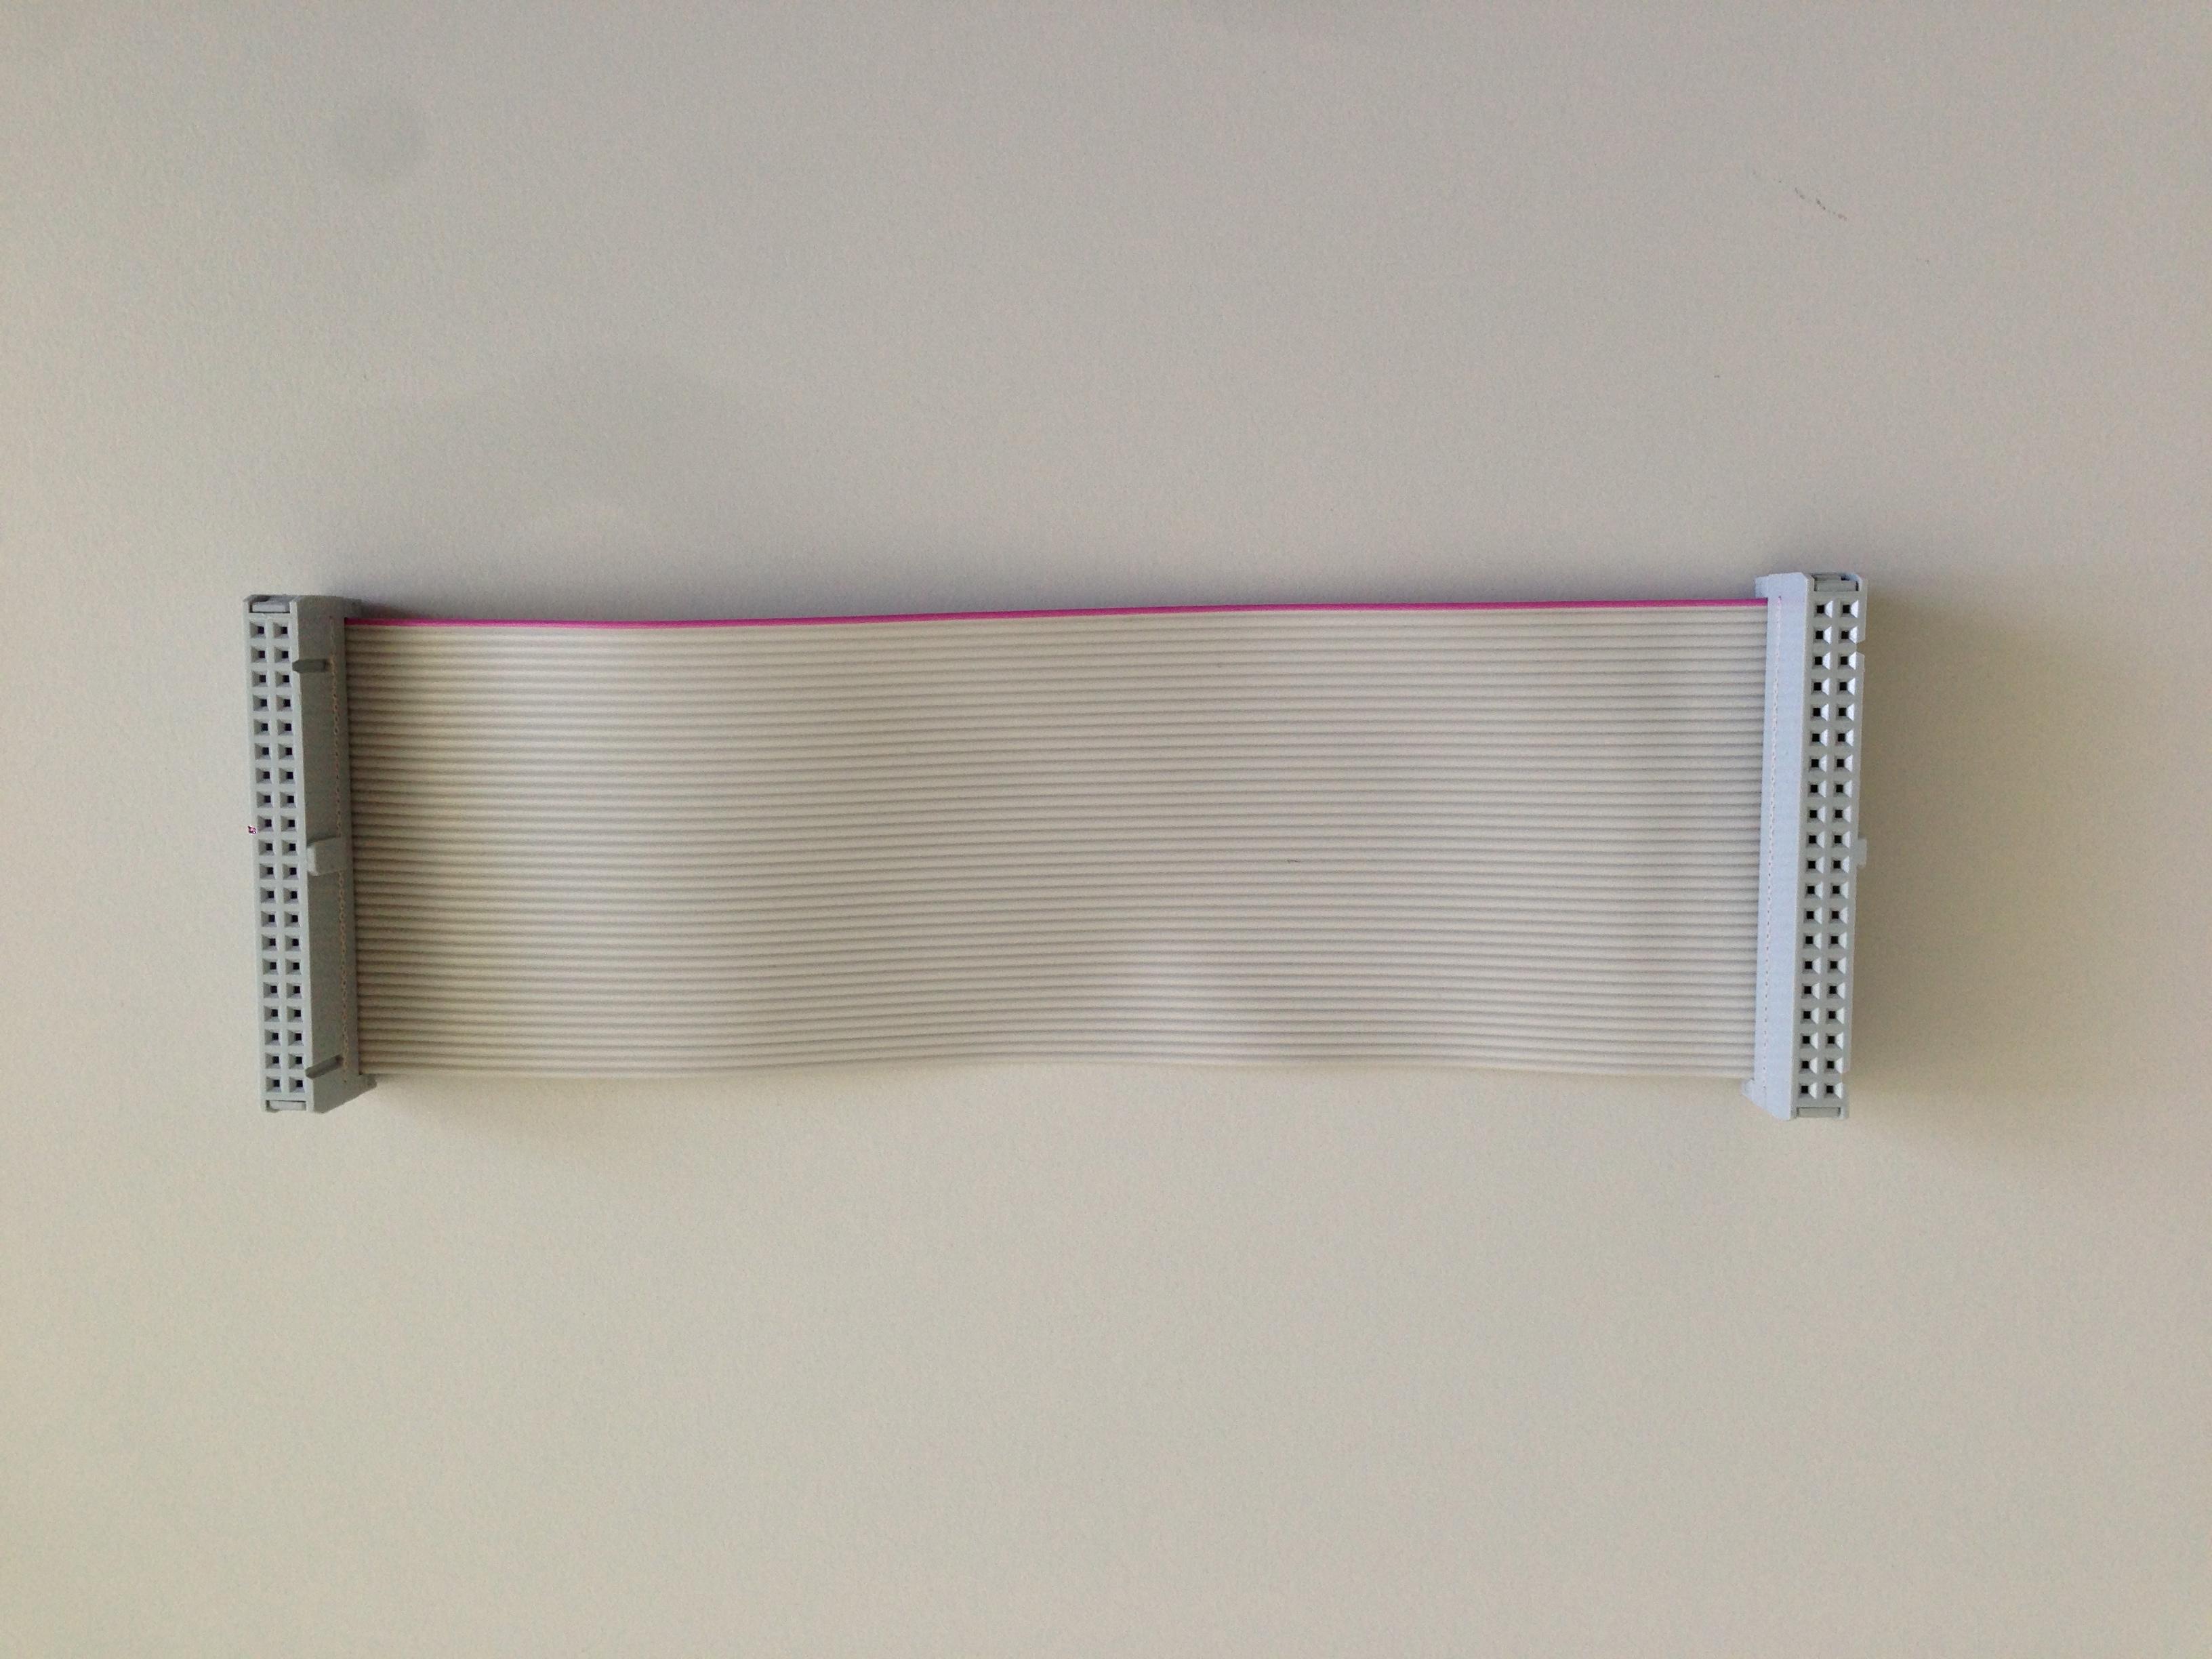 Sirrix PCM-Kabel, mit 2 Konnektoren